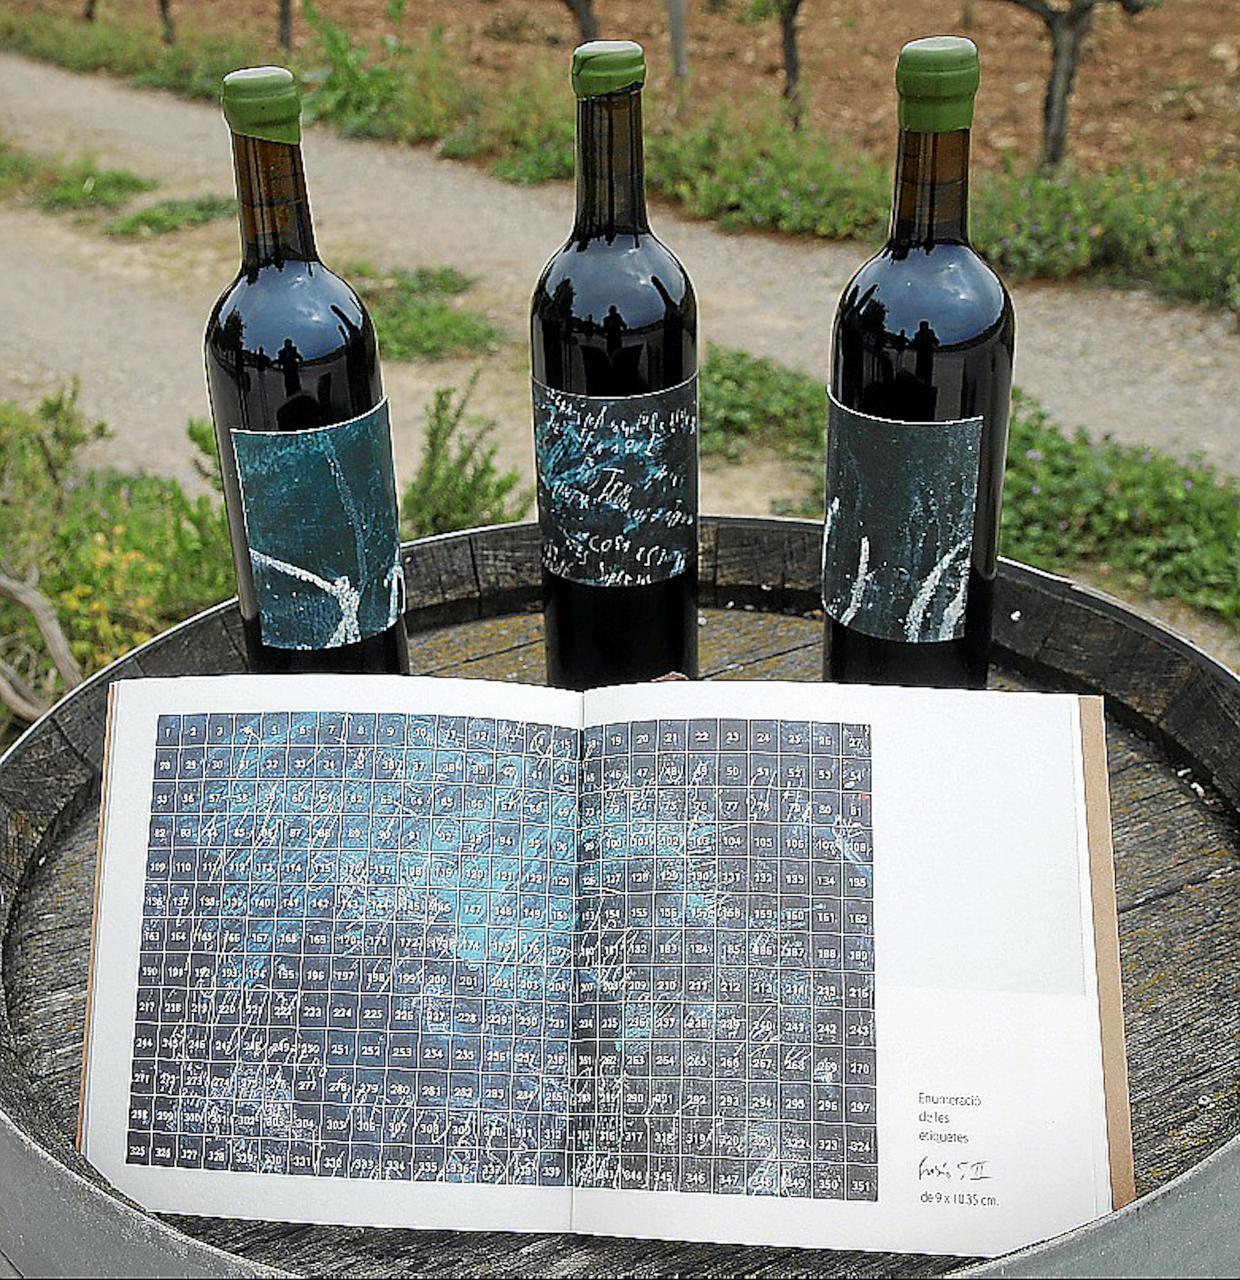 Fusió 5 wines.